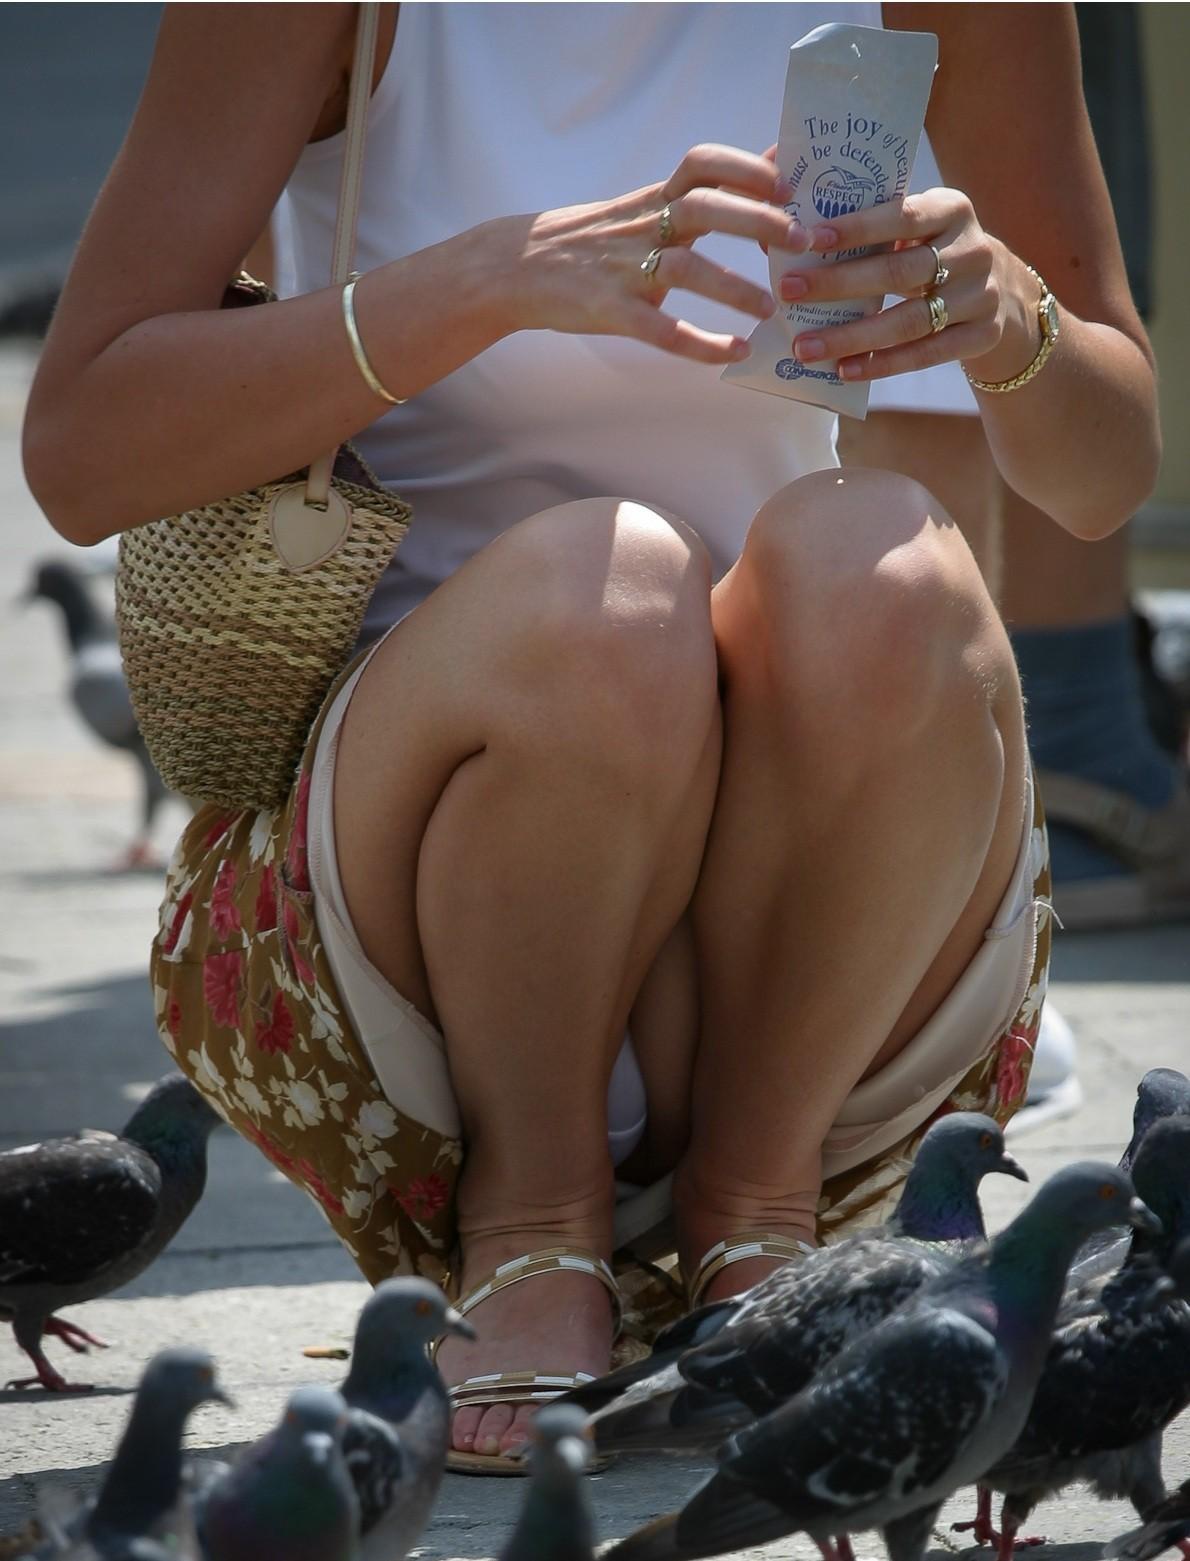 美脚女性がしゃがんで純白パンツを見せる!